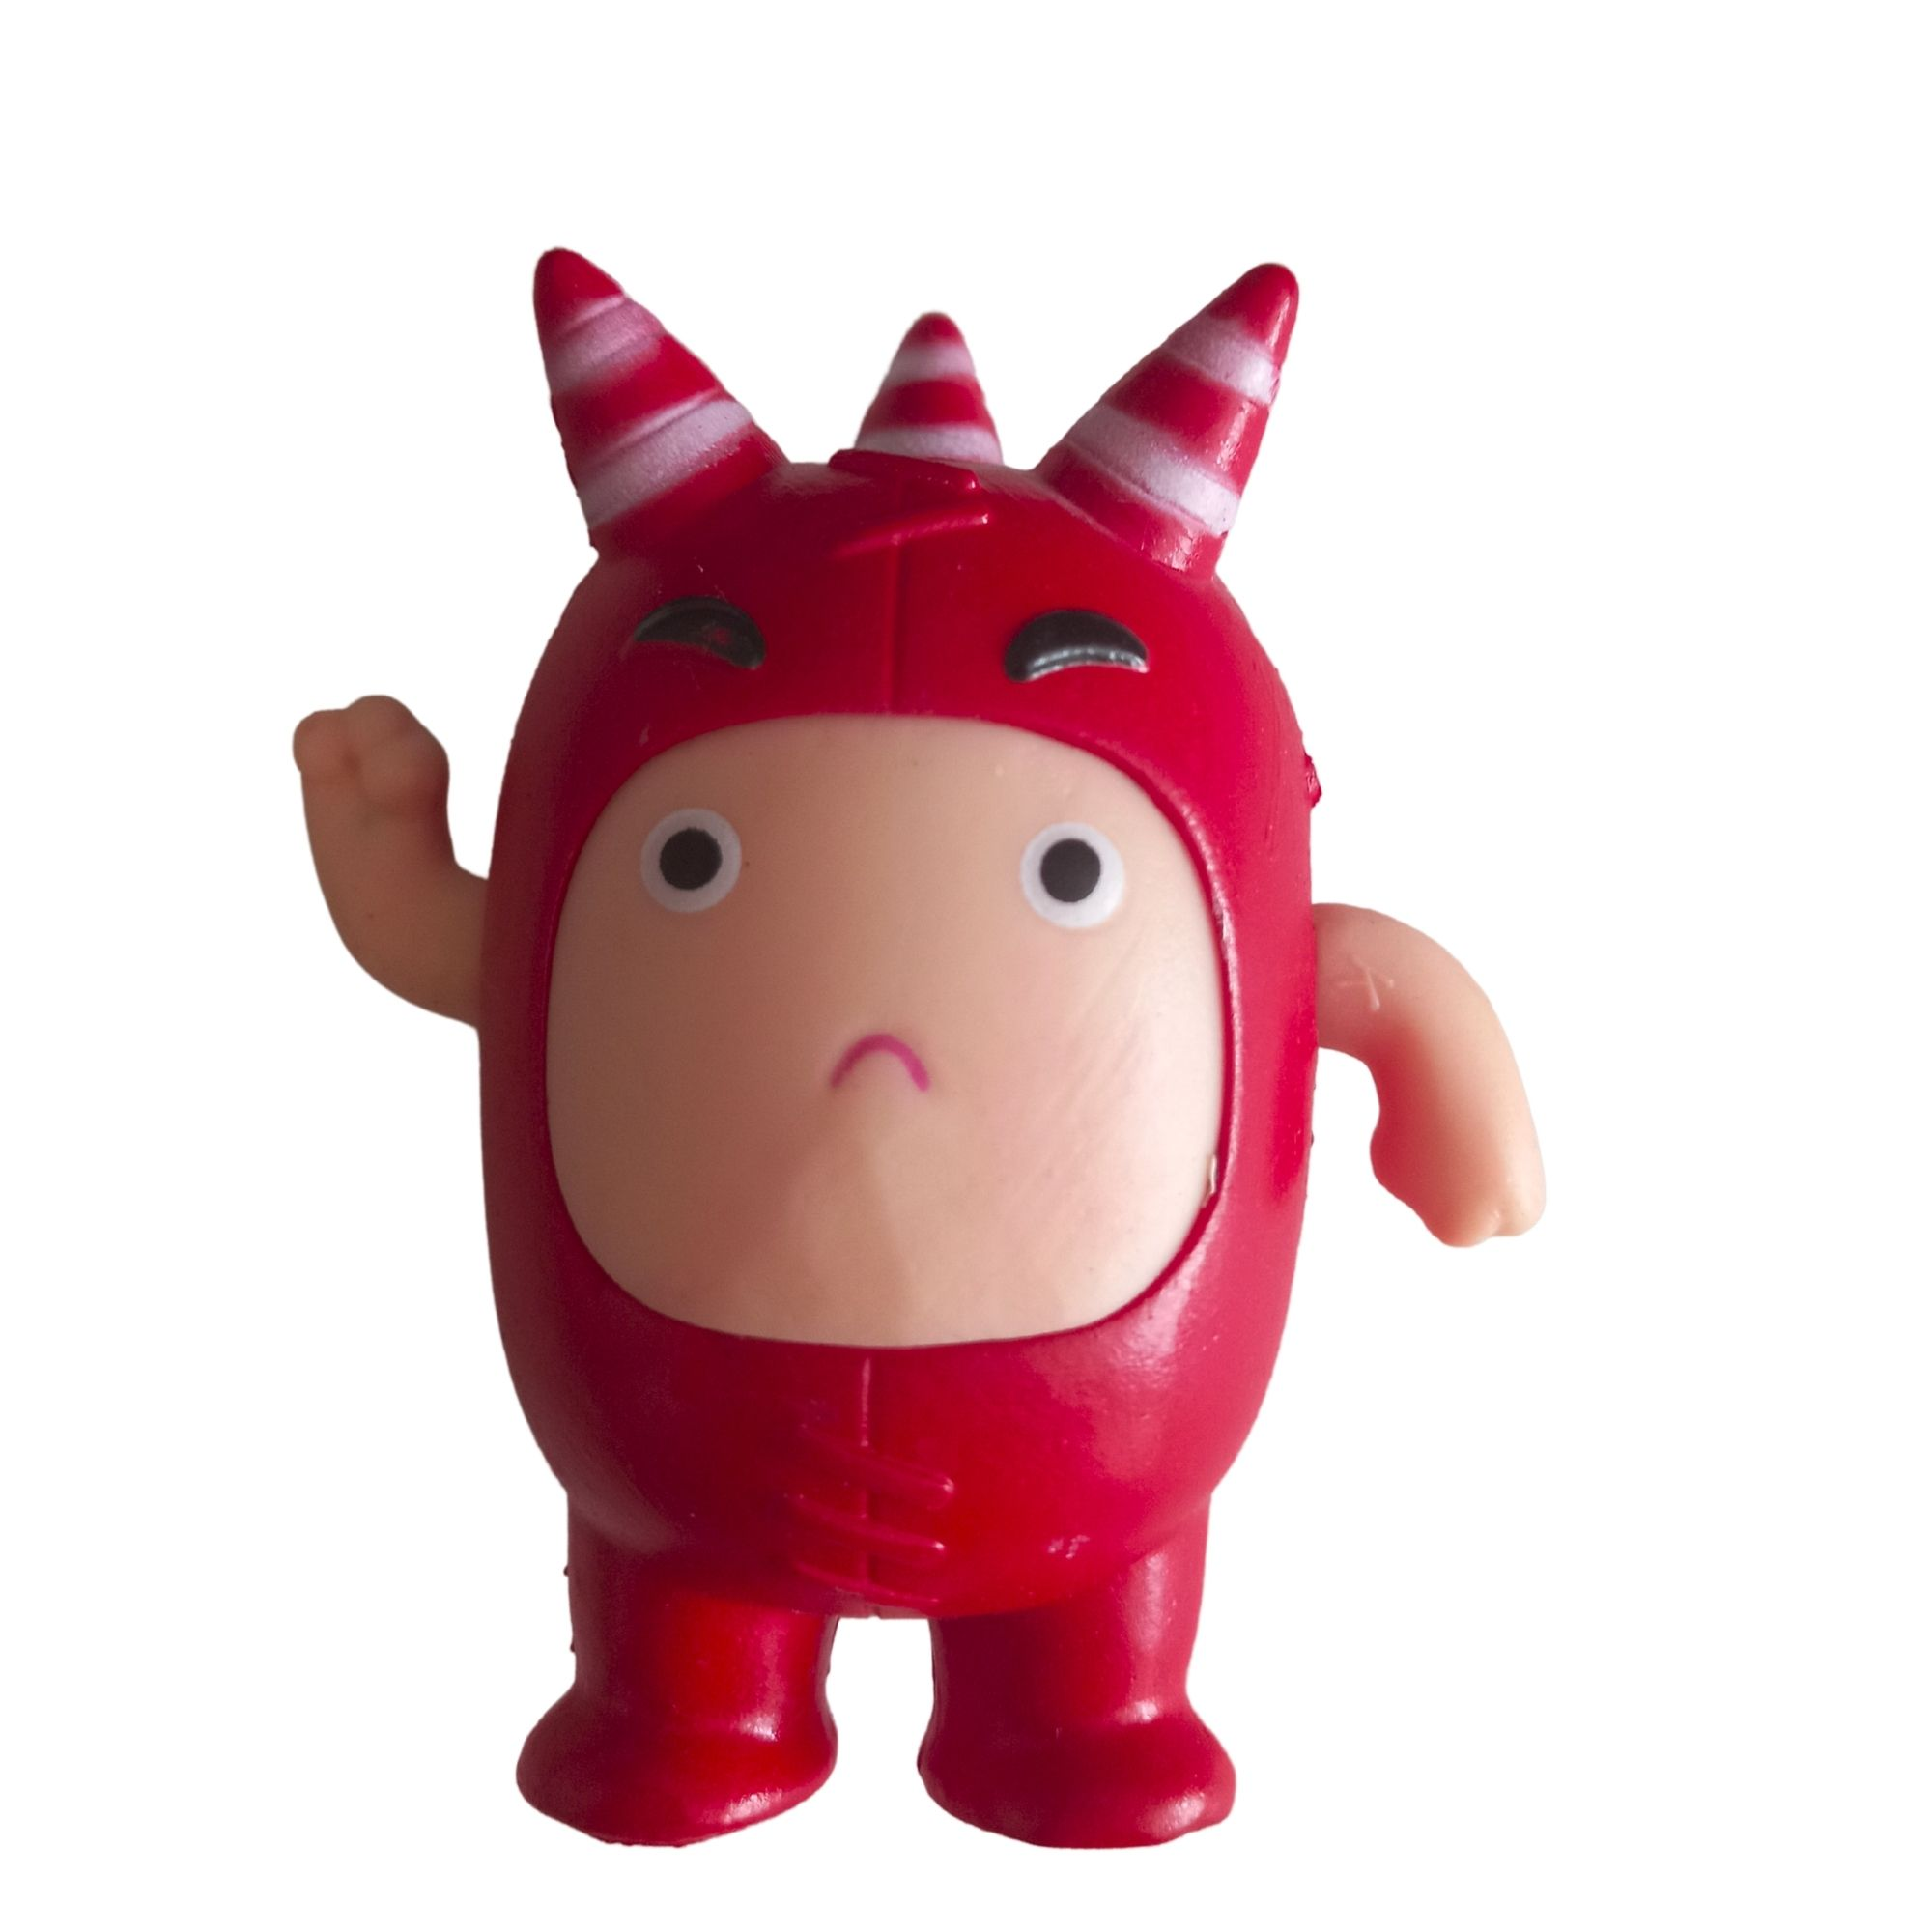 Brinquedo Bonecos Oddbods em vinil Colecionáveis   - Game Land Brinquedos